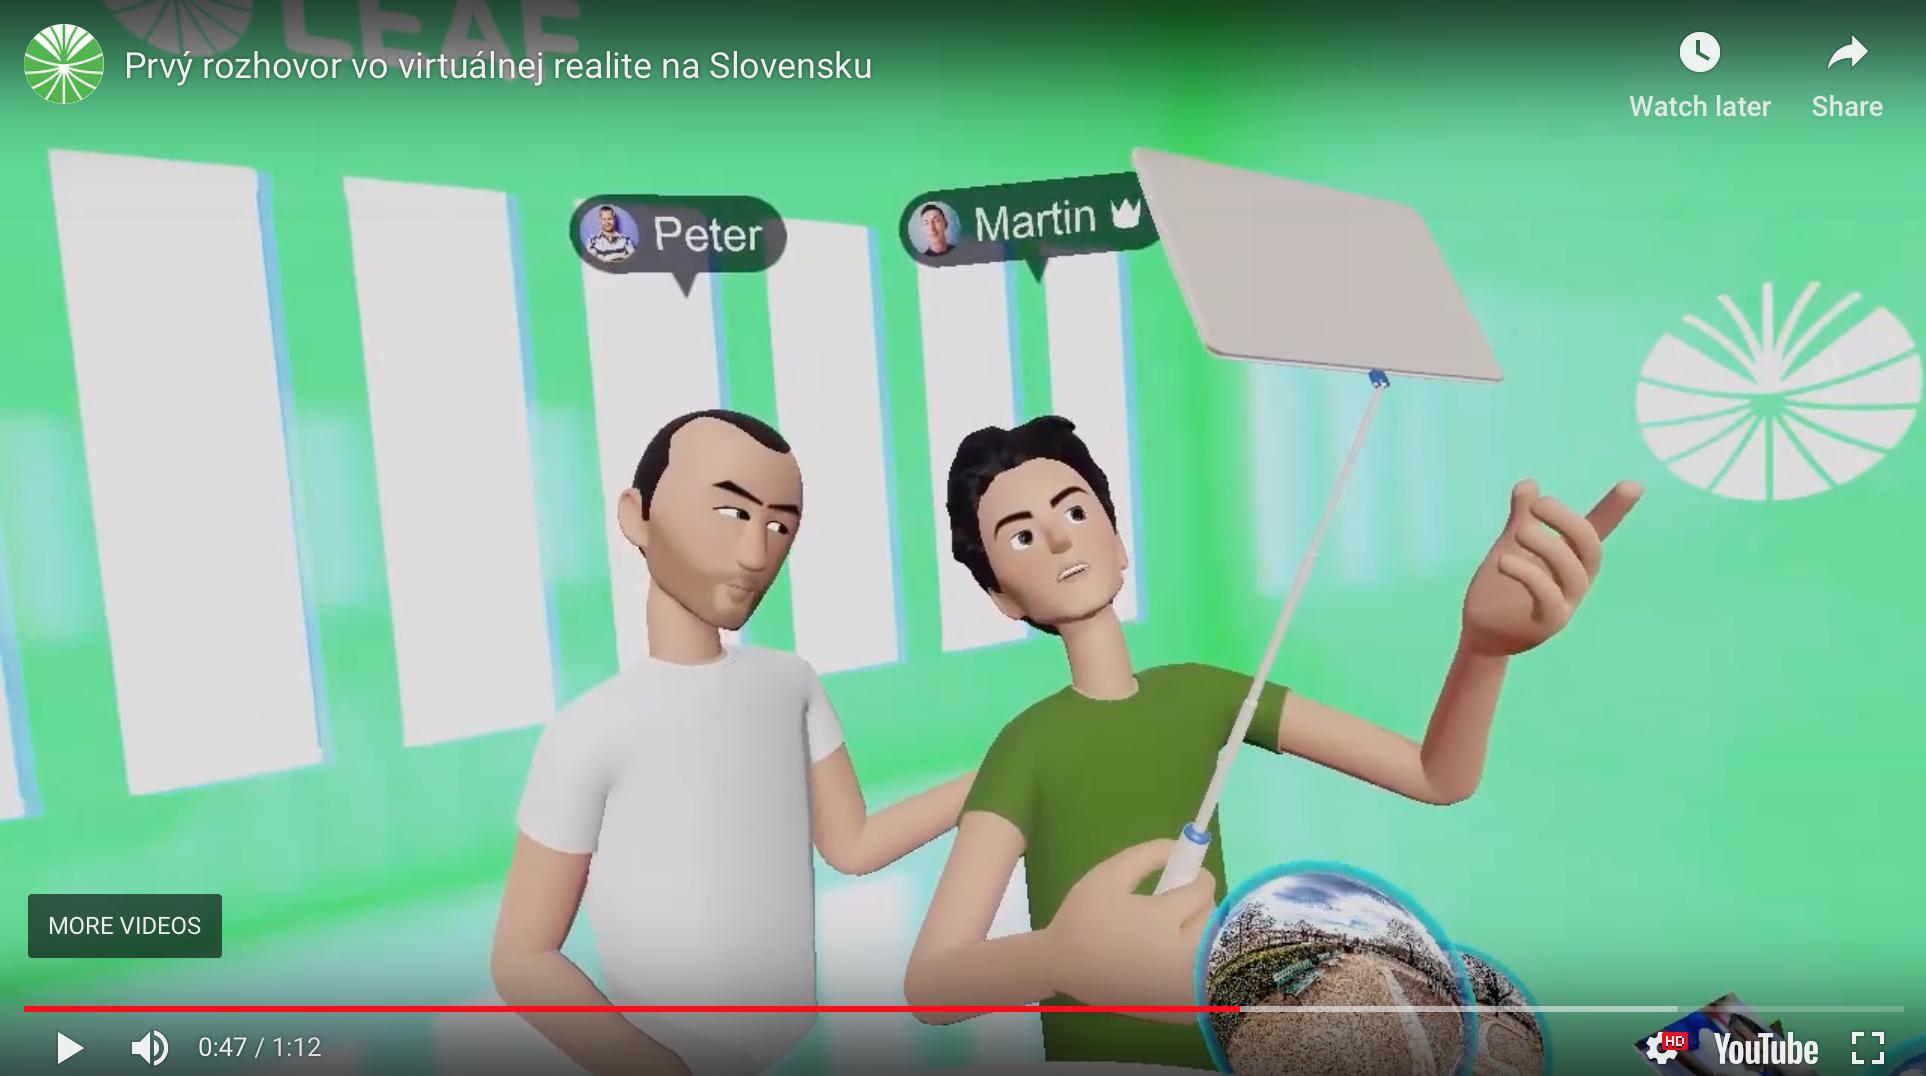 Na Slovensku sa uskutočnil prvý rozhovor vo virtuálnej realite